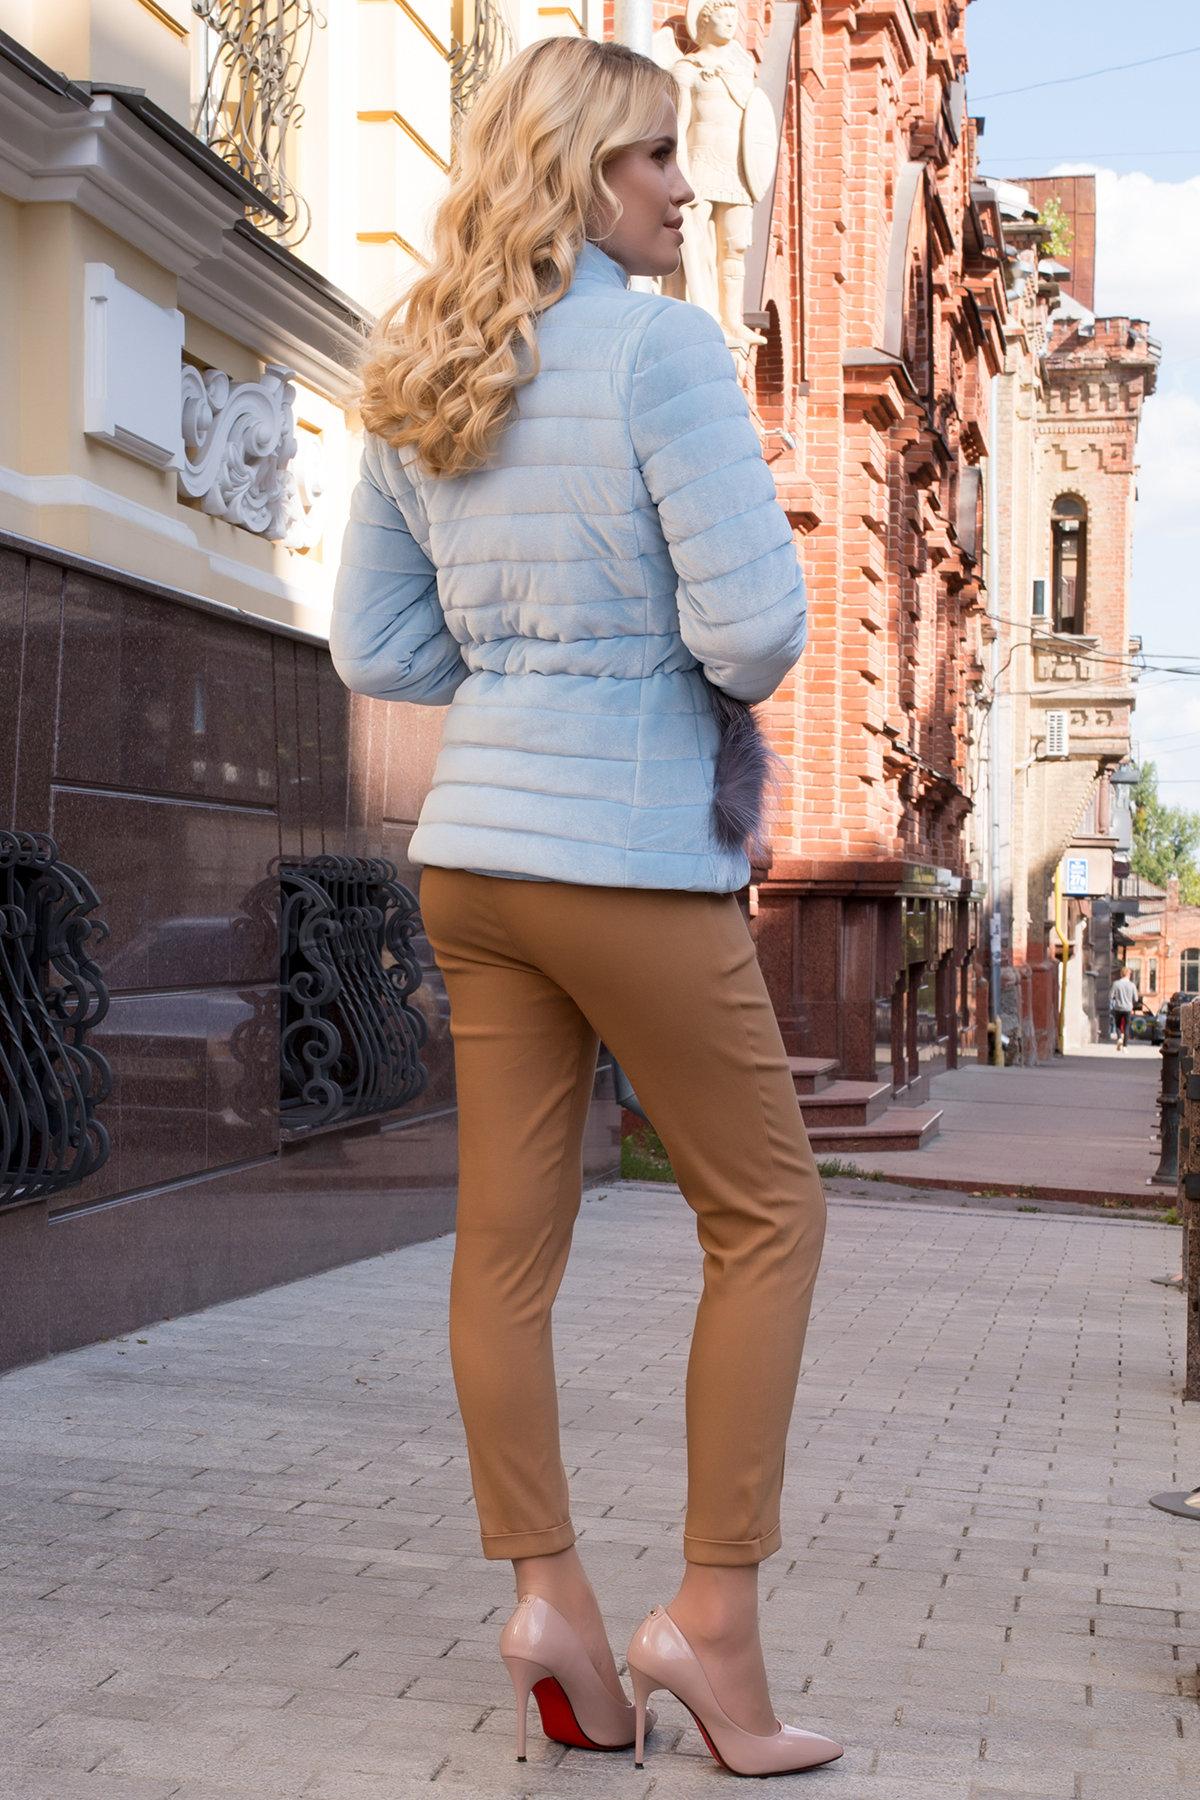 Куртка с мехом на карманах Дезире 4452 АРТ. 21968 Цвет: Голубой - фото 5, интернет магазин tm-modus.ru